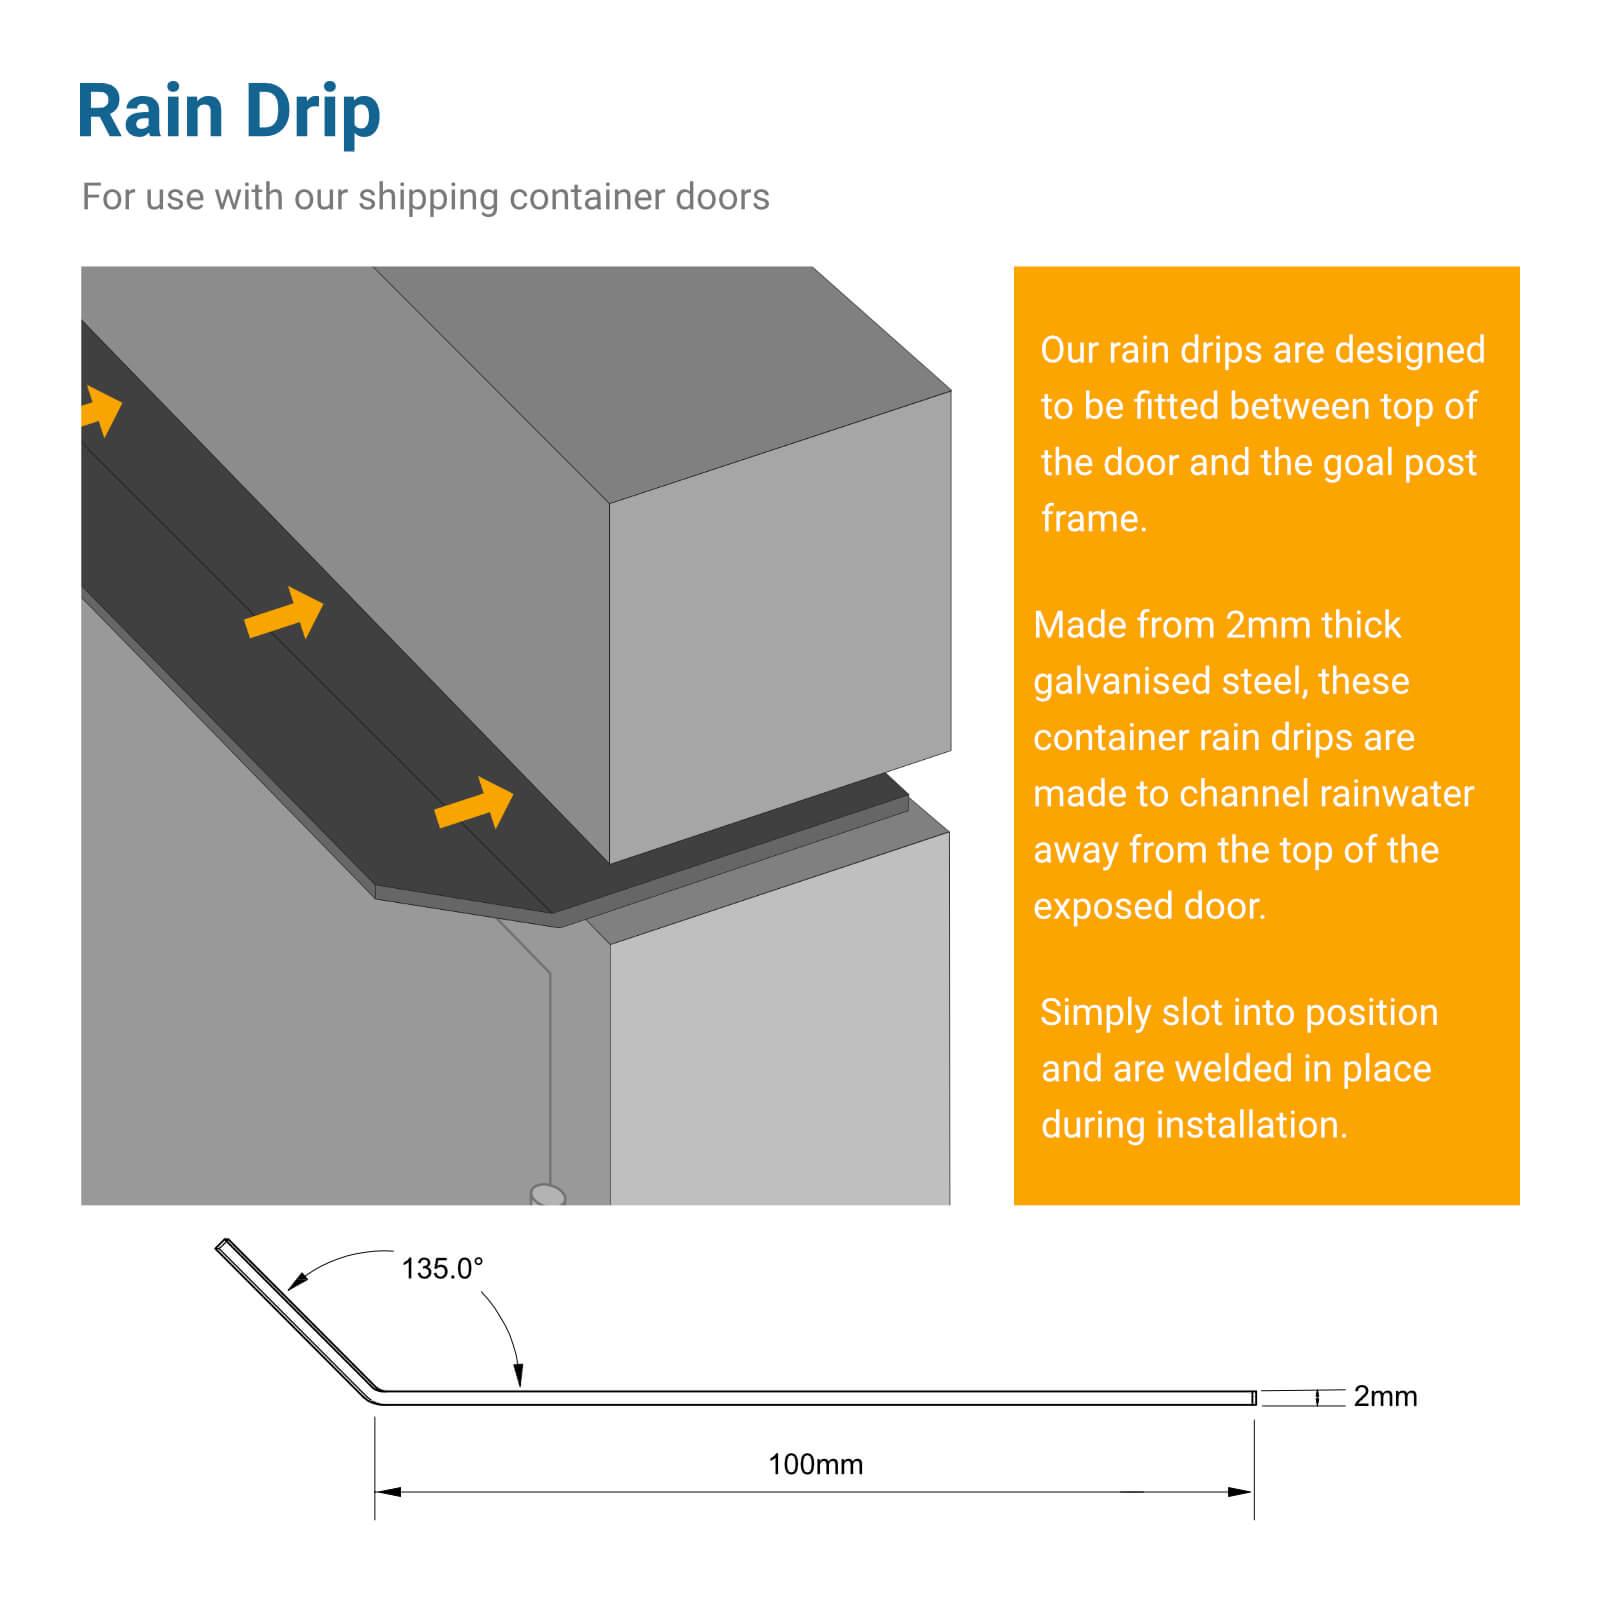 Rain Drip for Container Door